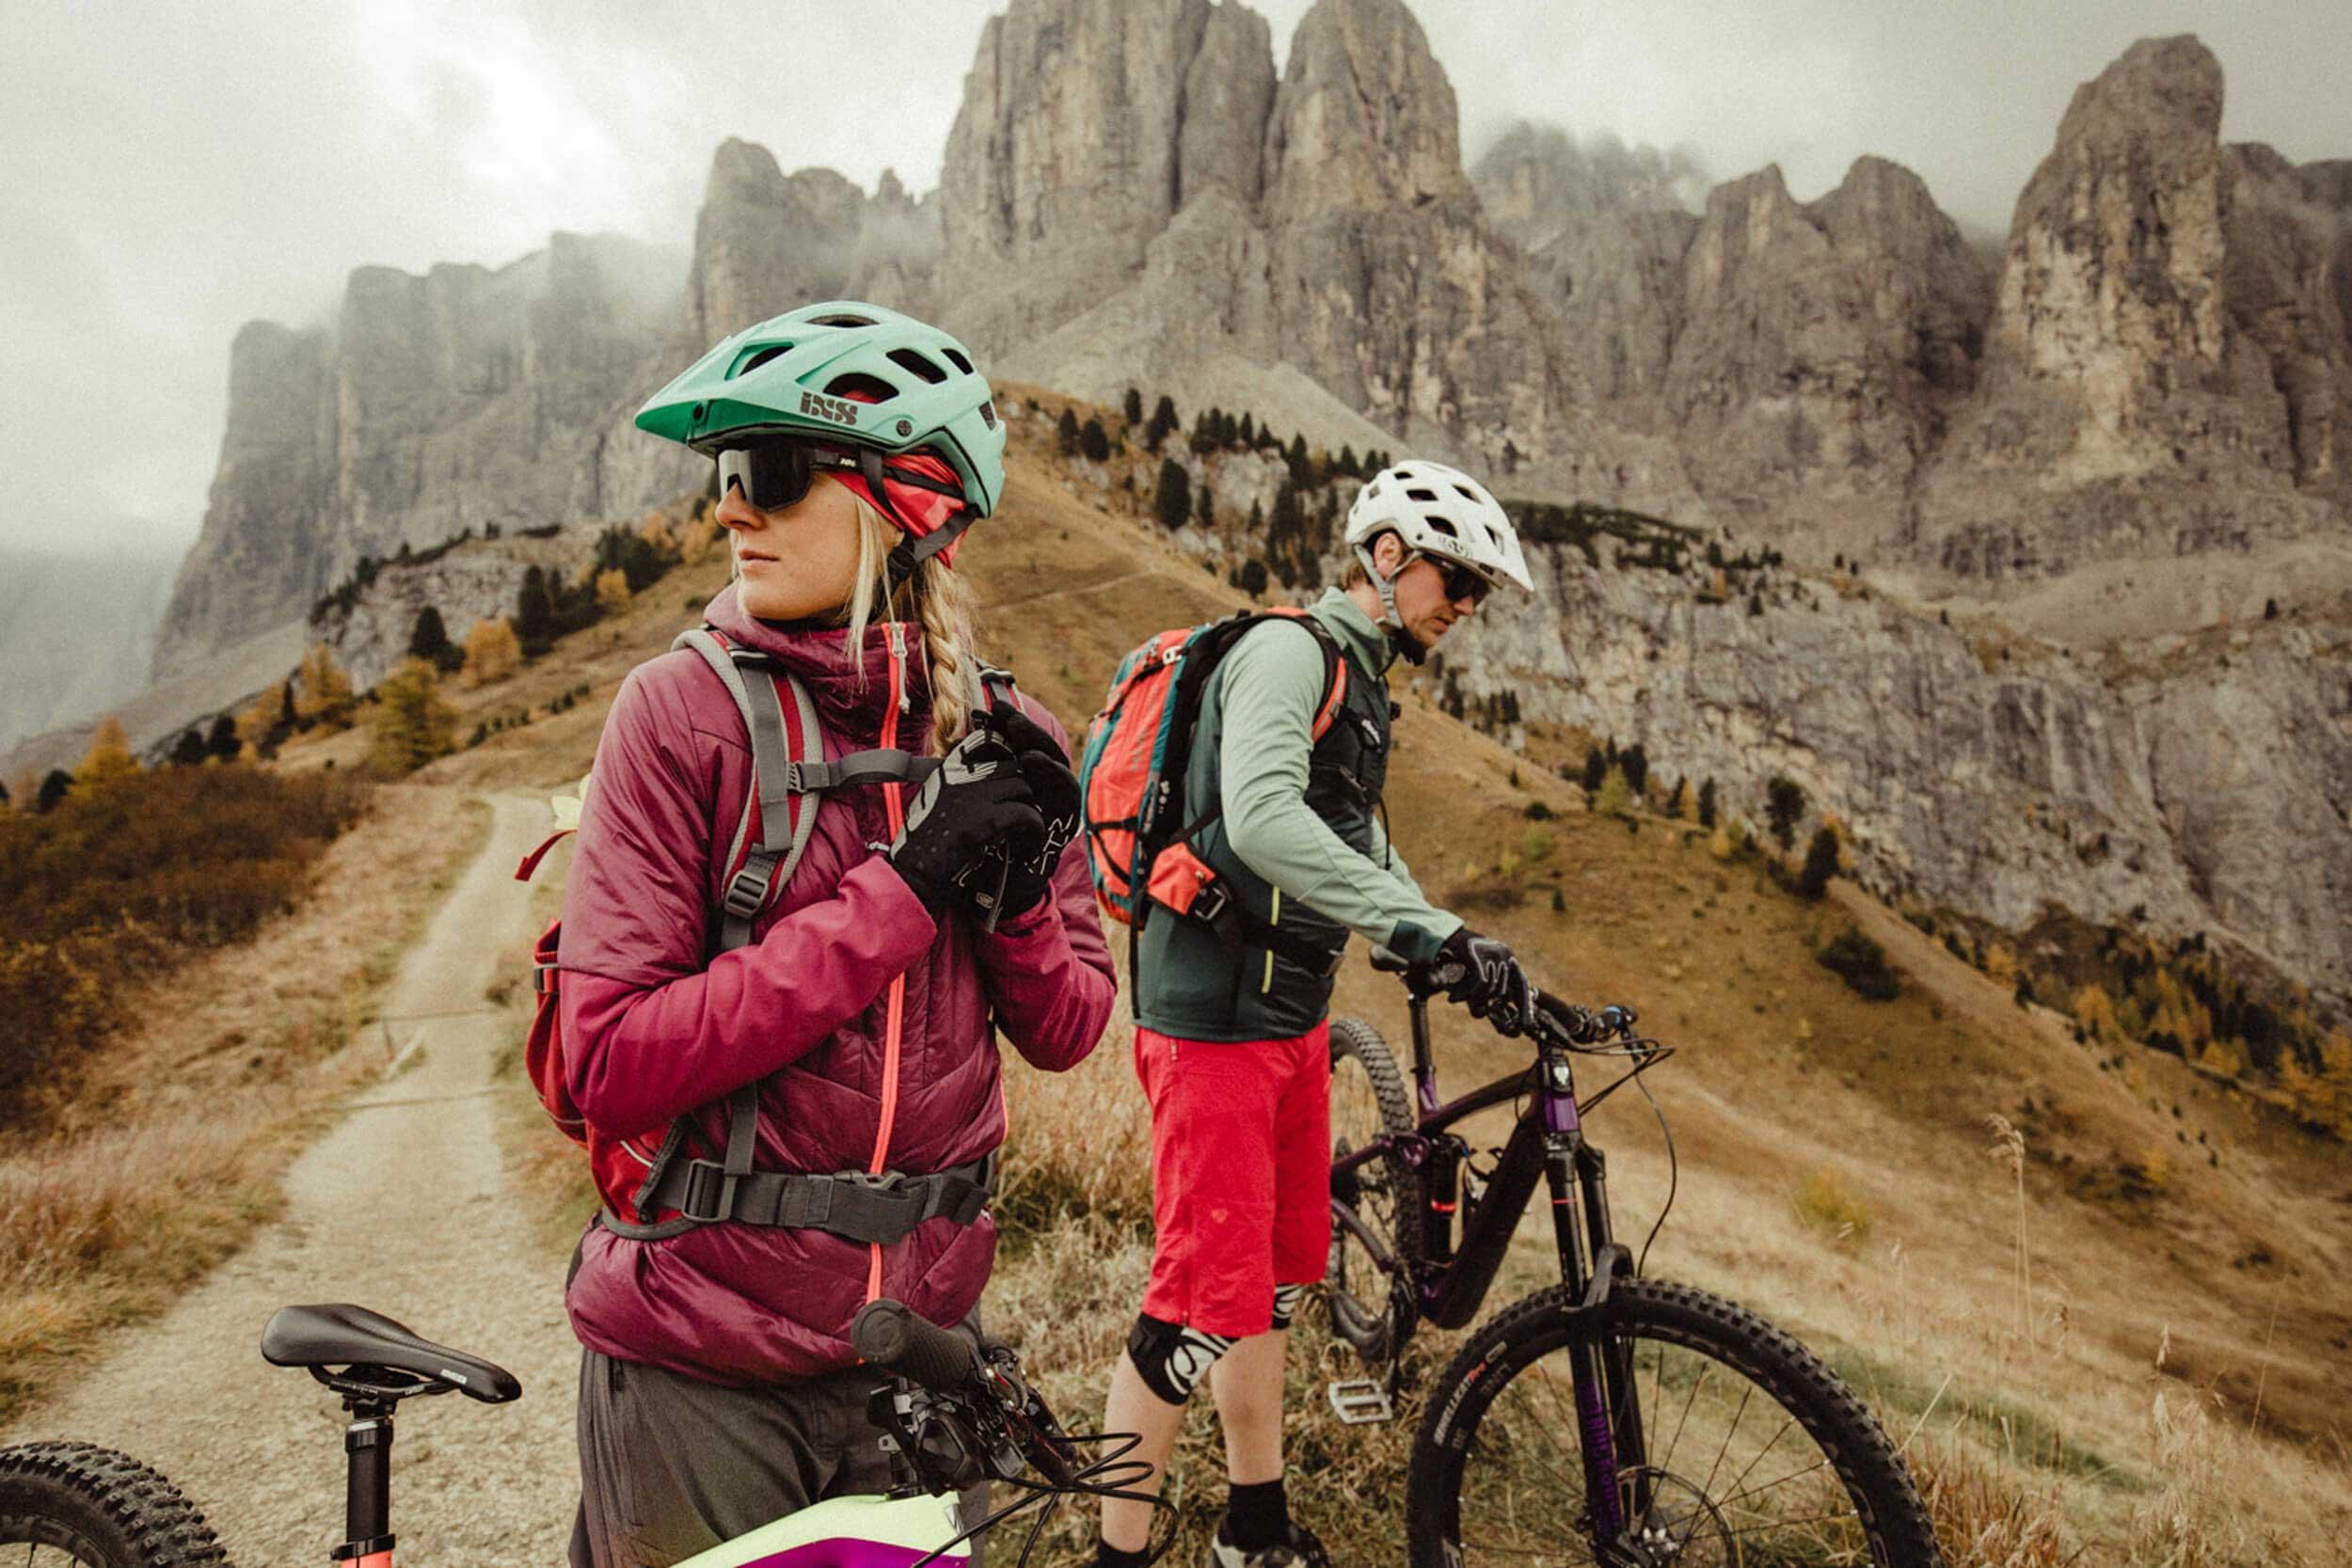 kurzer Biker-Stop beim Cir Trail © WOM Medien